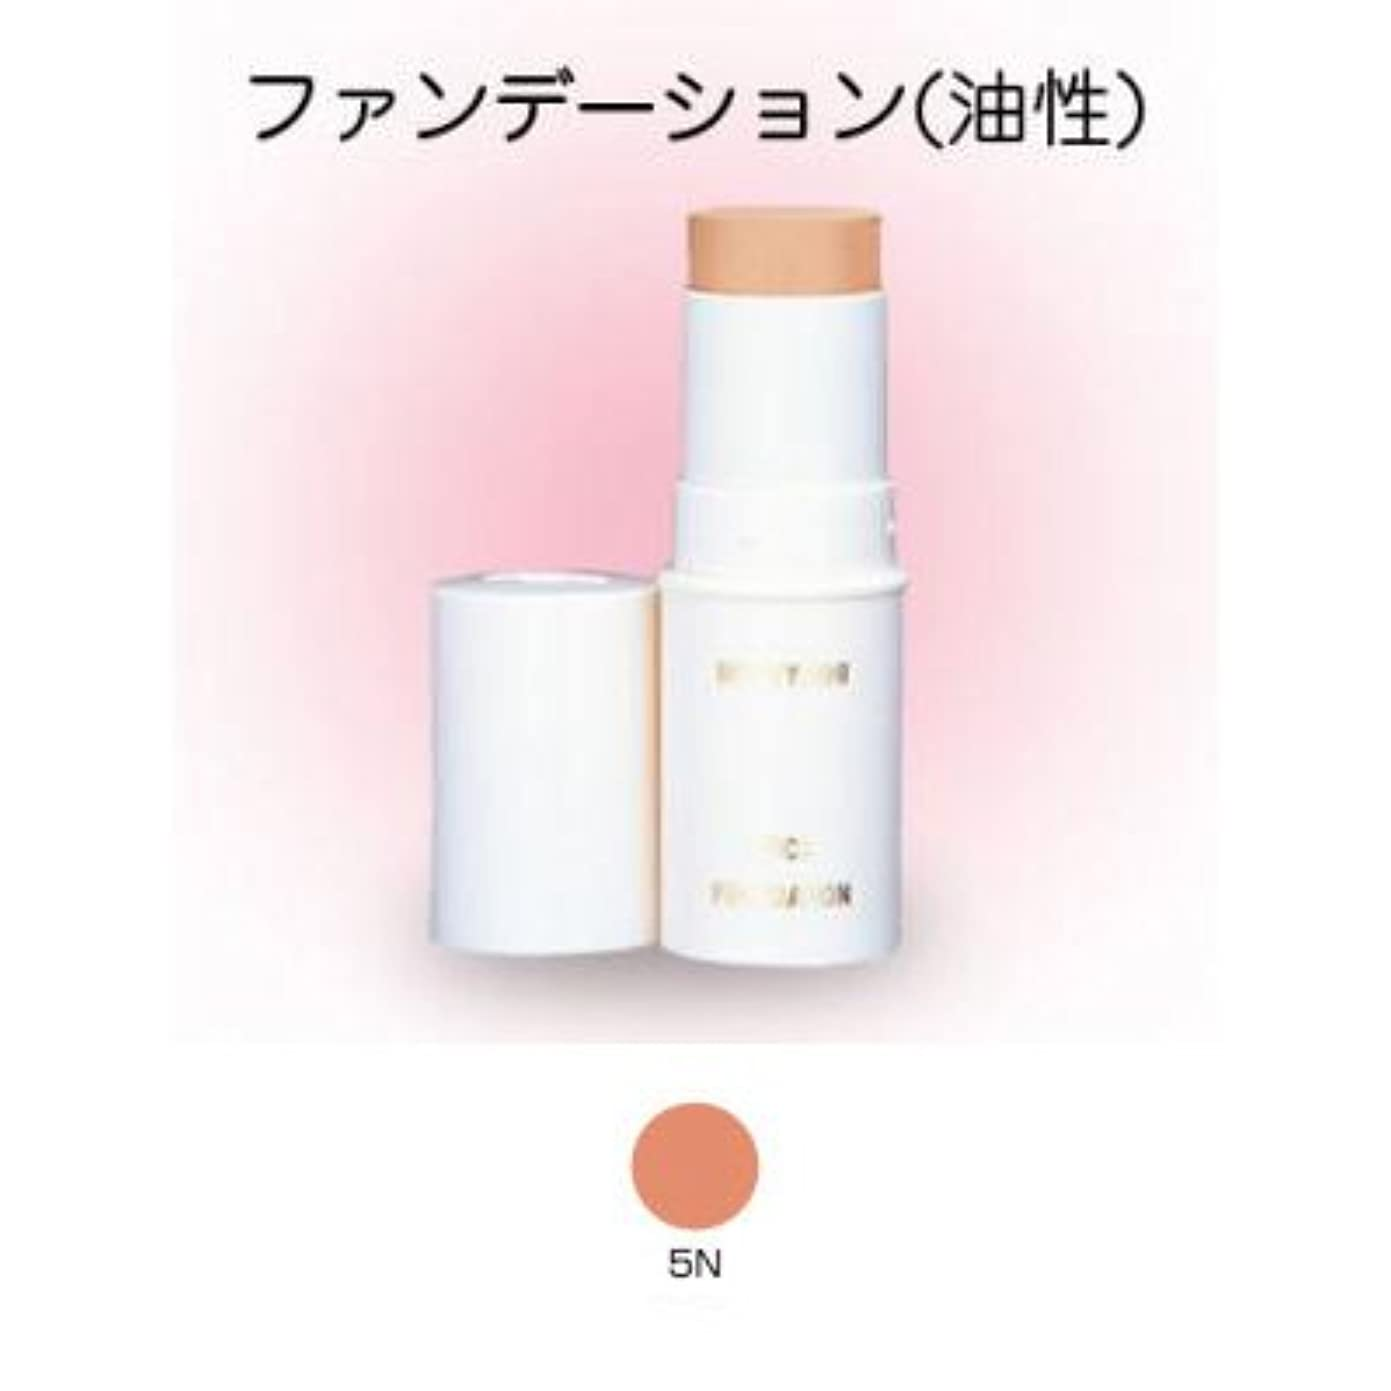 飾る落胆した構想するスティックファンデーション 16g 5N 【三善】